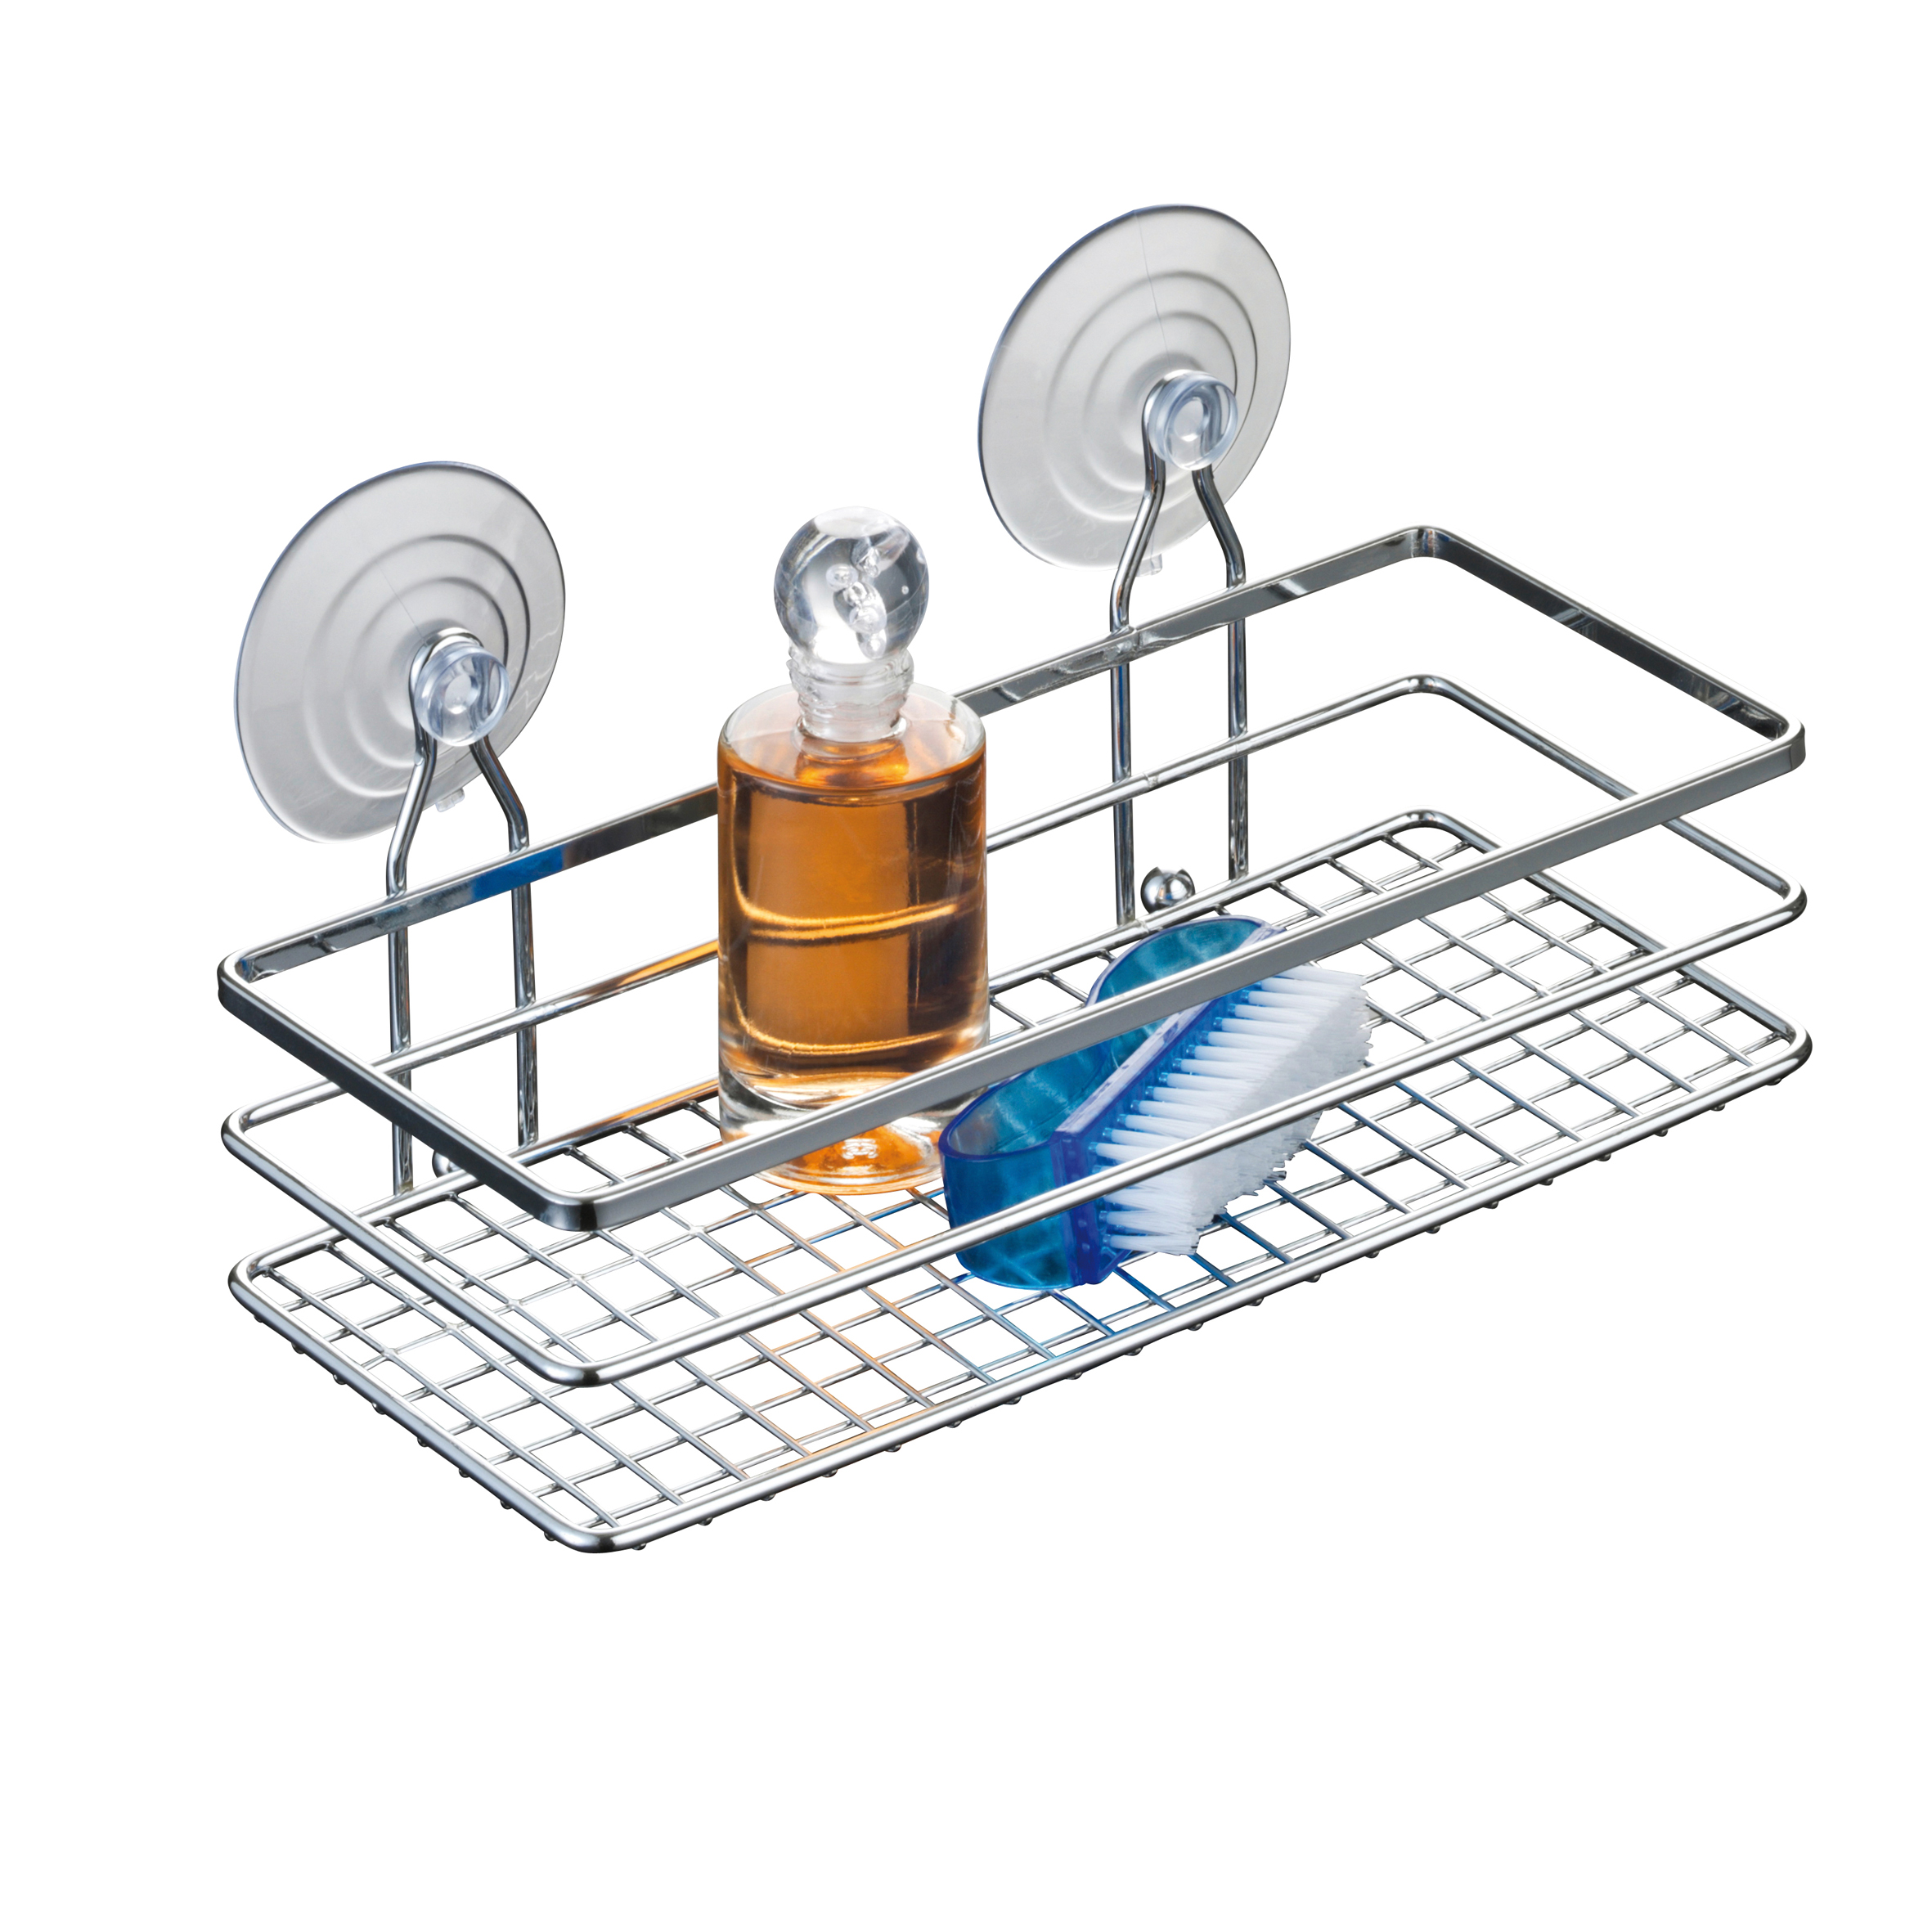 Полка для ванной Axentia Cassandra, настенная, одноярусная, 25 х 11 х 9,5 см68/5/3Одноярусная настенная полка для ванной Axentia Cassandra изготовлена из высококачественной хромированной стали, устойчивой к коррозии в условиях высокой влажности в ванной комнате. Изделие крепится к стене на шурупах или присосках (входят в комплект). Классический дизайн и оптимальная вместимость подойдет для любого интерьера ванной комнаты.